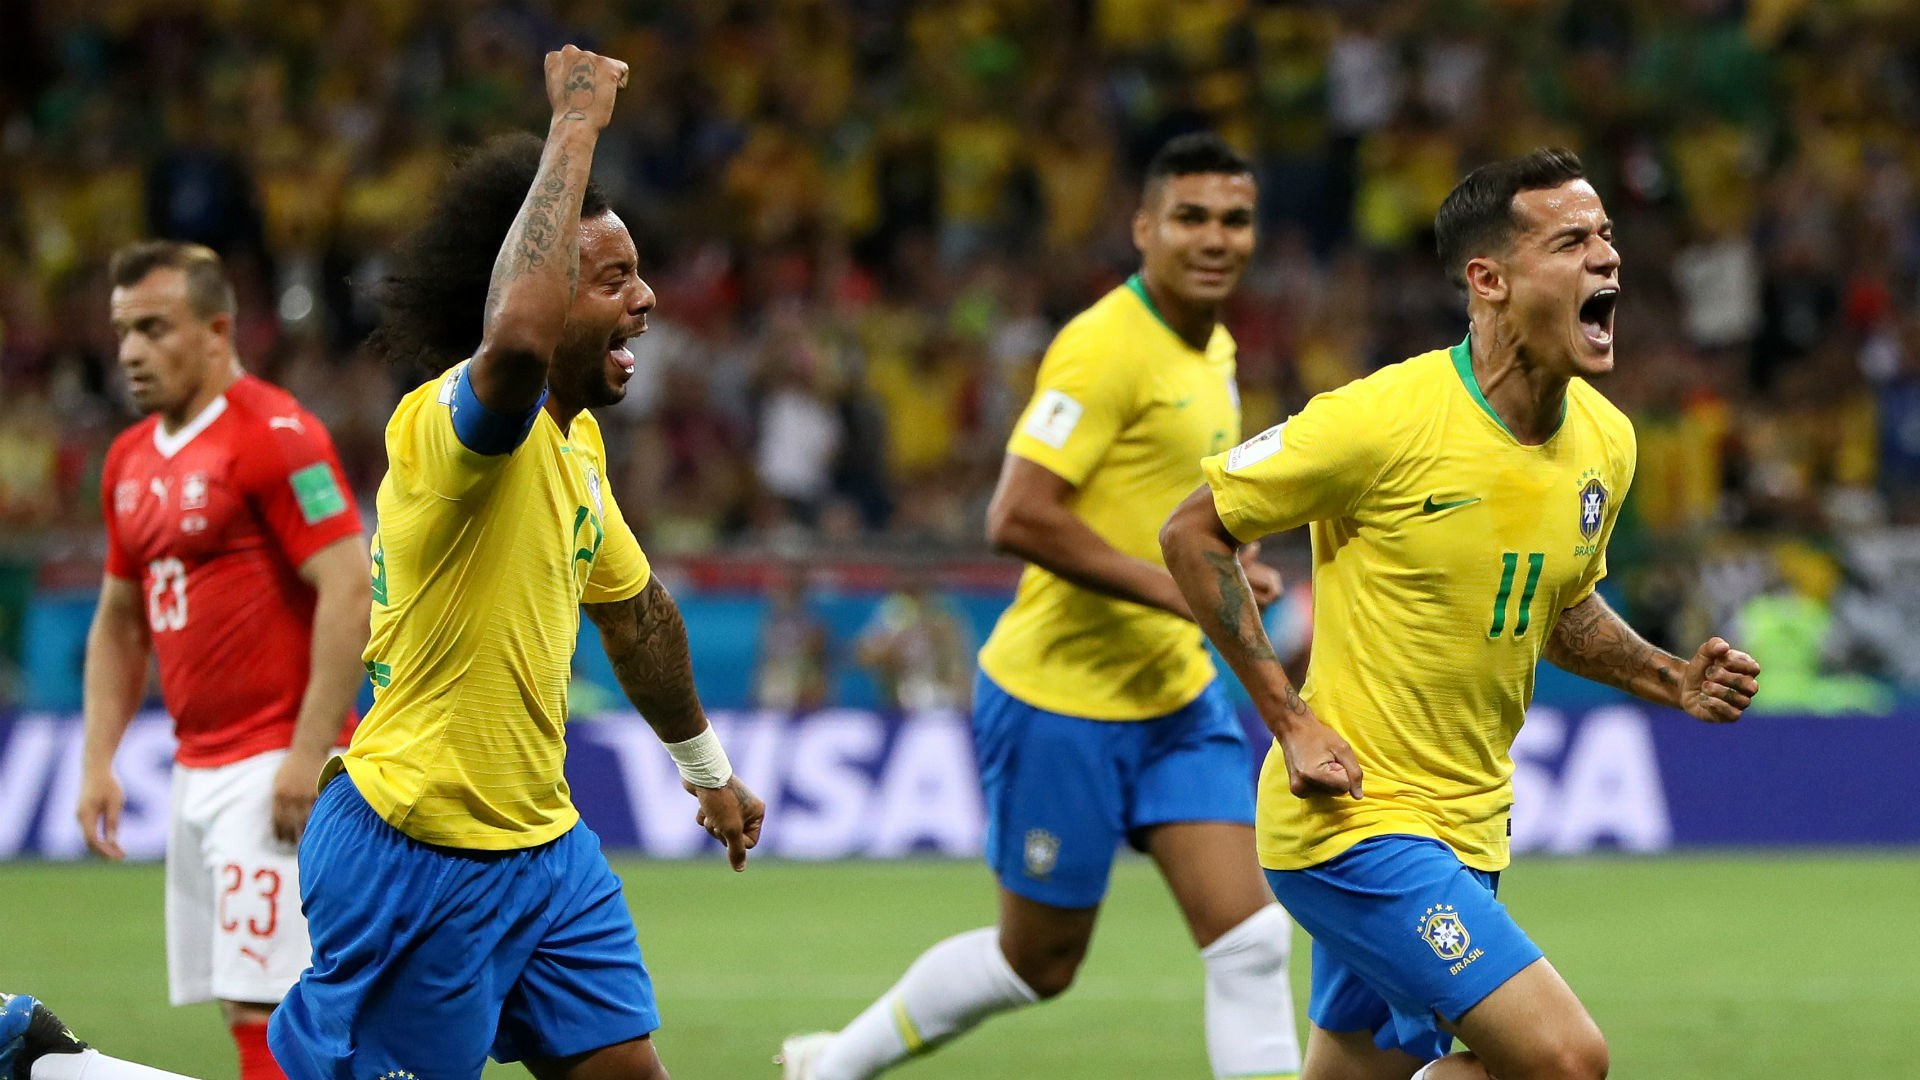 Χοσέ: Πρόκριση για τη Βραζιλία